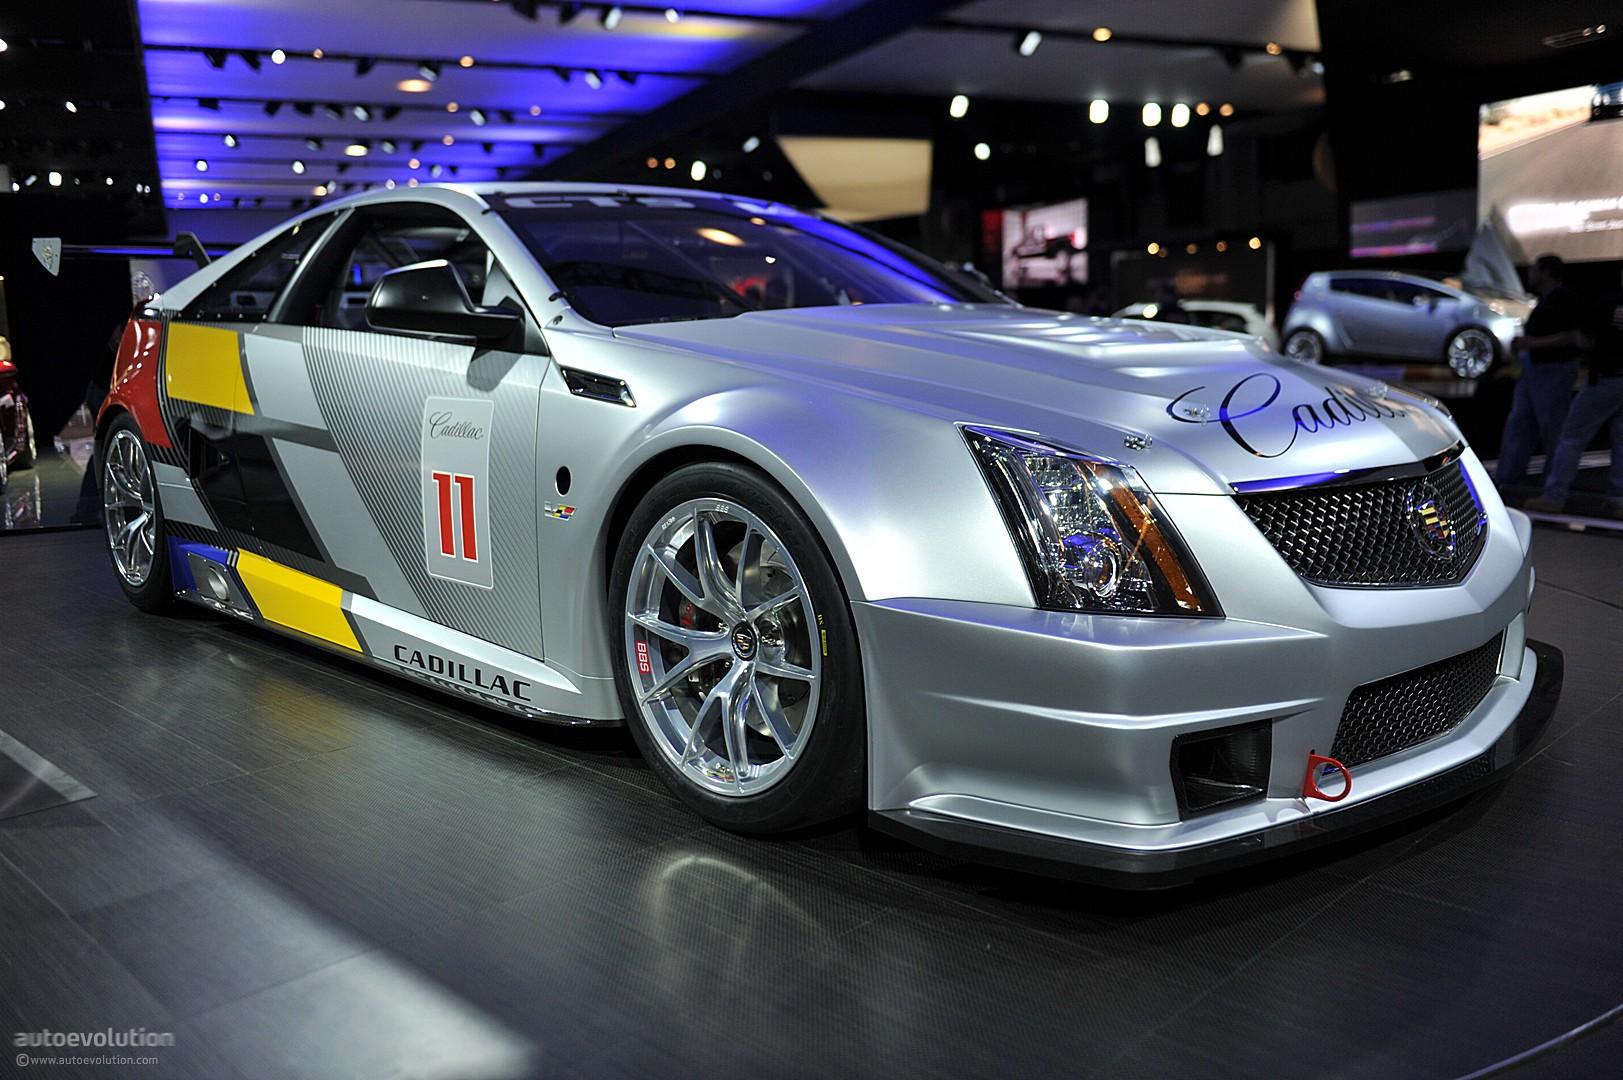 Nyias 2011 Cadillac Cts V Race Car Live Photos